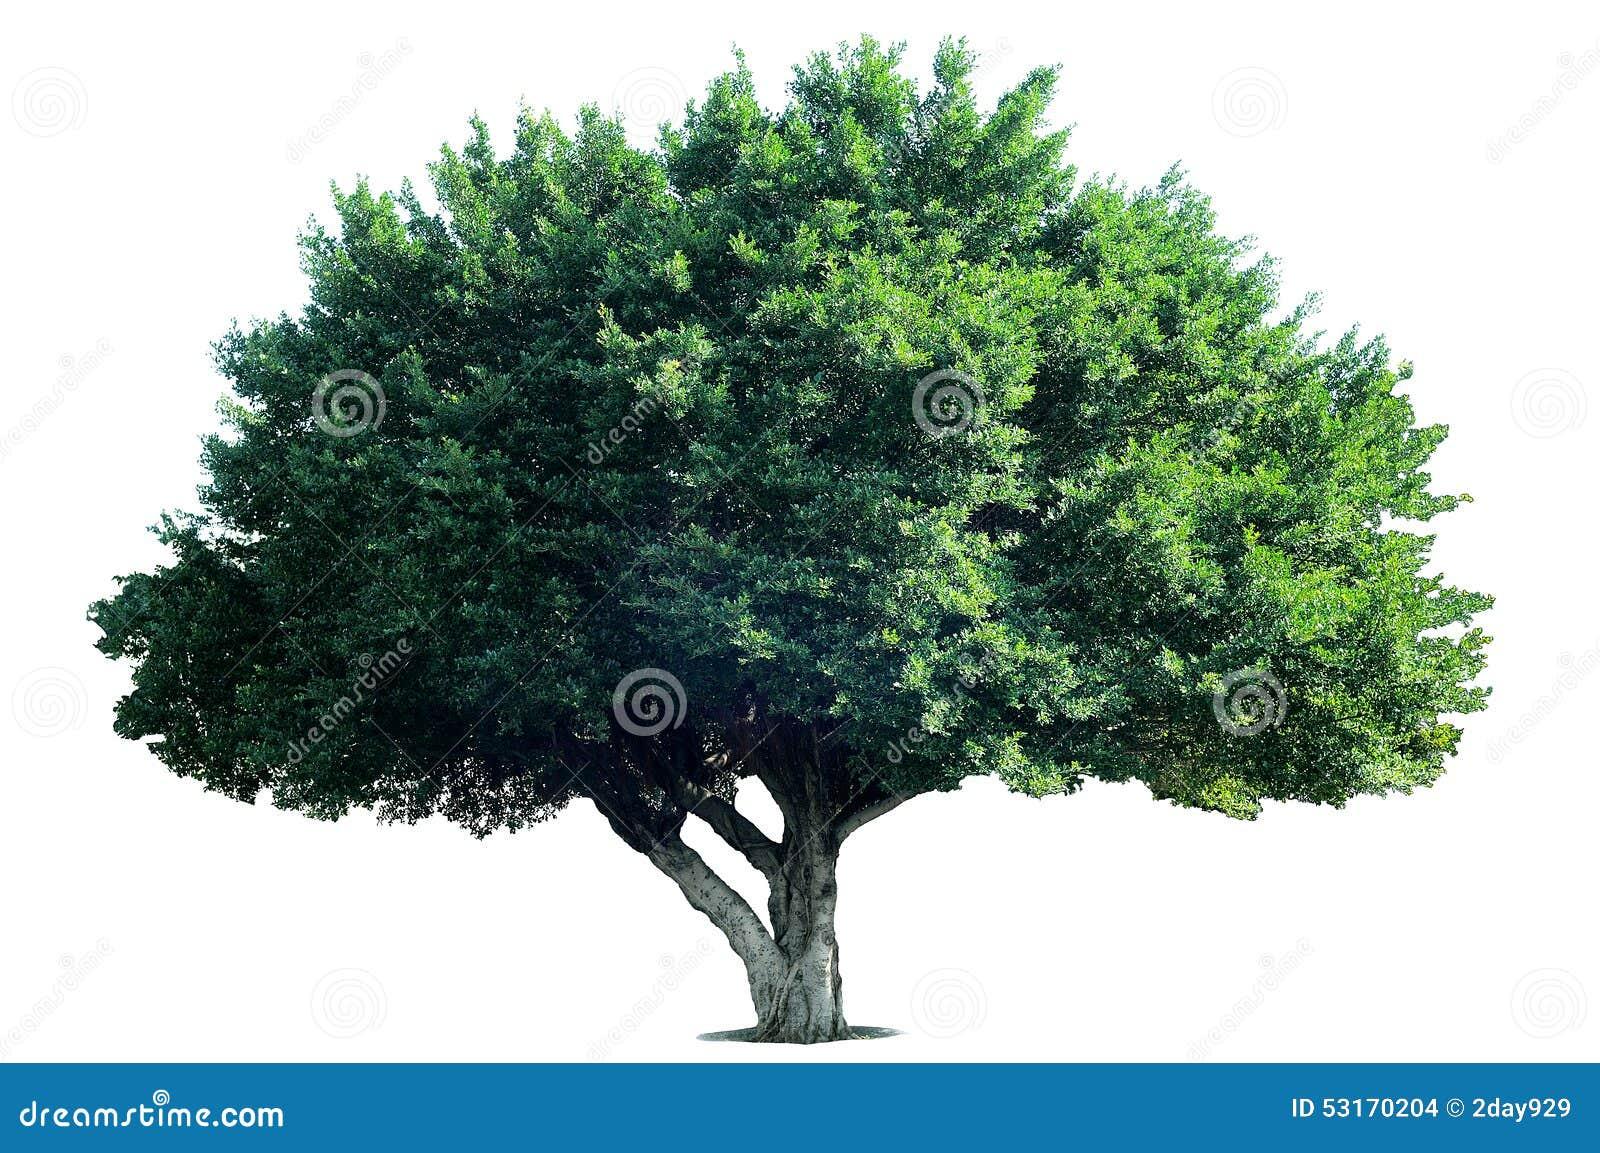 fig tree clip art